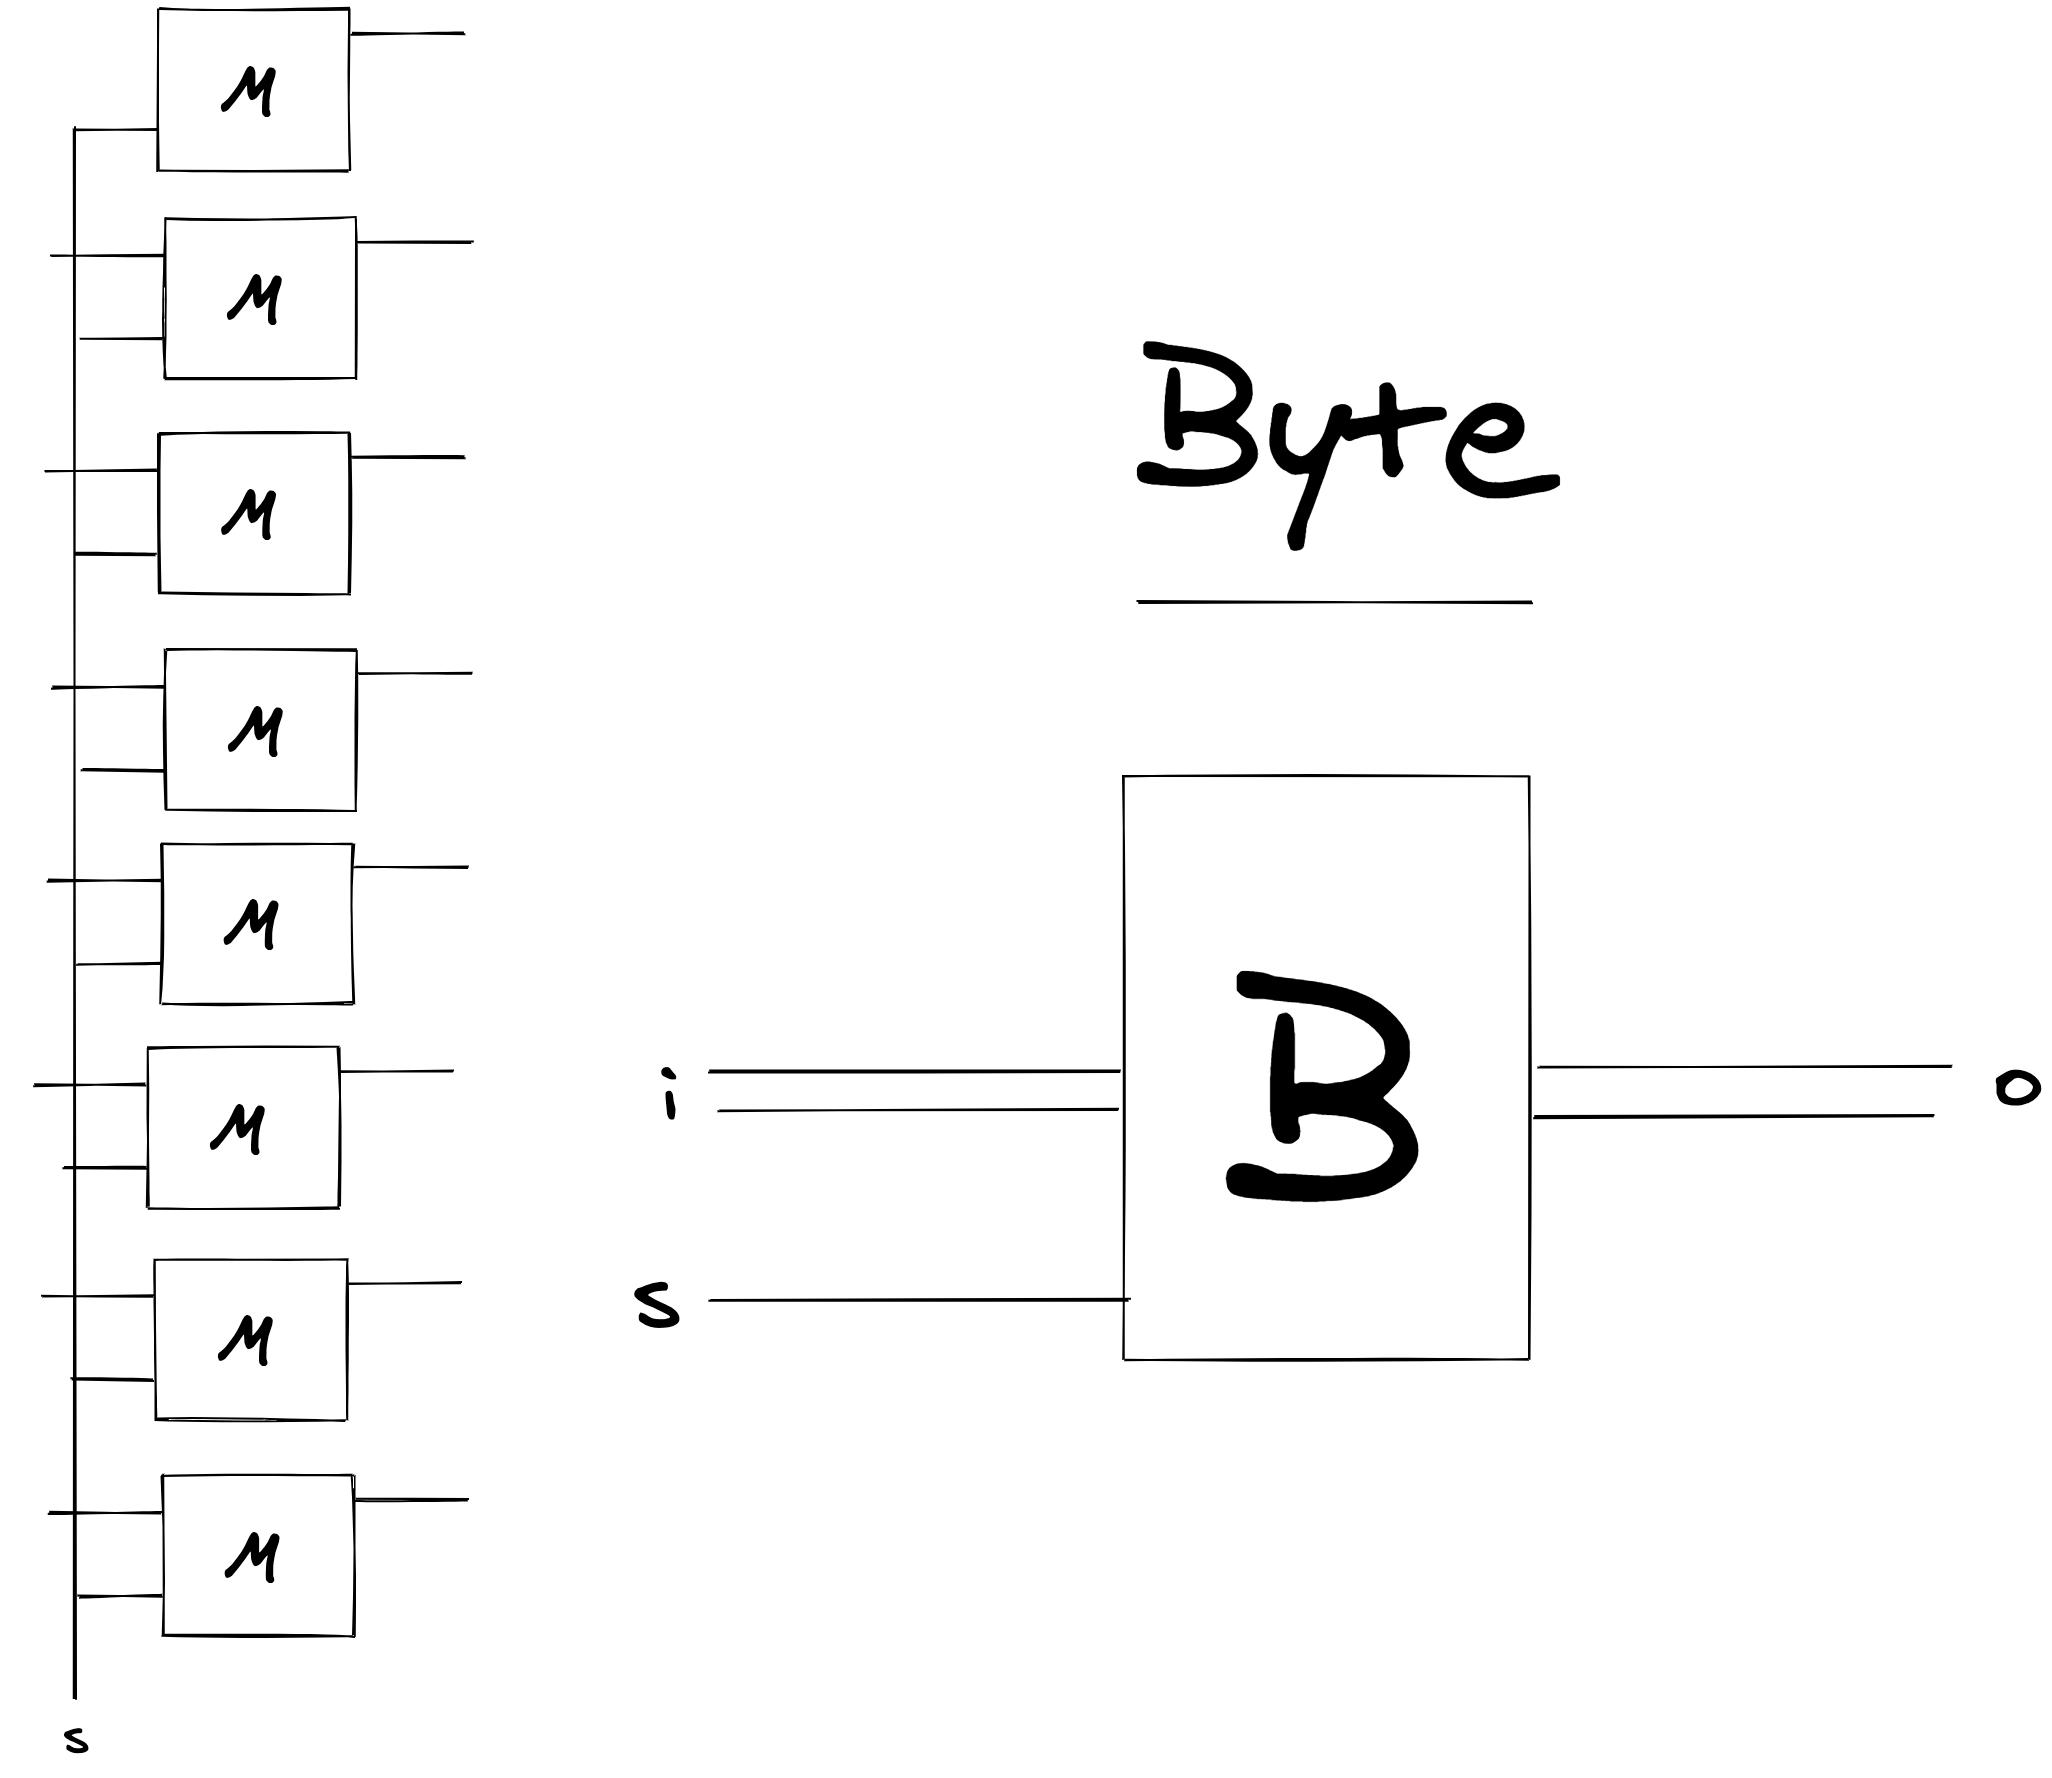 umair-akbar-aHR0cHM6Ly91c2VyLWltYWdlcy5naXRodWJ1c2VyY29udGVudC5jb20vOTg0NTc0Lzk1Nzc2NzA3LWQ5OTM0ZDAwLTBjOTItMTFlYi04ZjZkLTMyMGRkYTRhYzAzMy5wbmc - Simulating RAM in Clojure